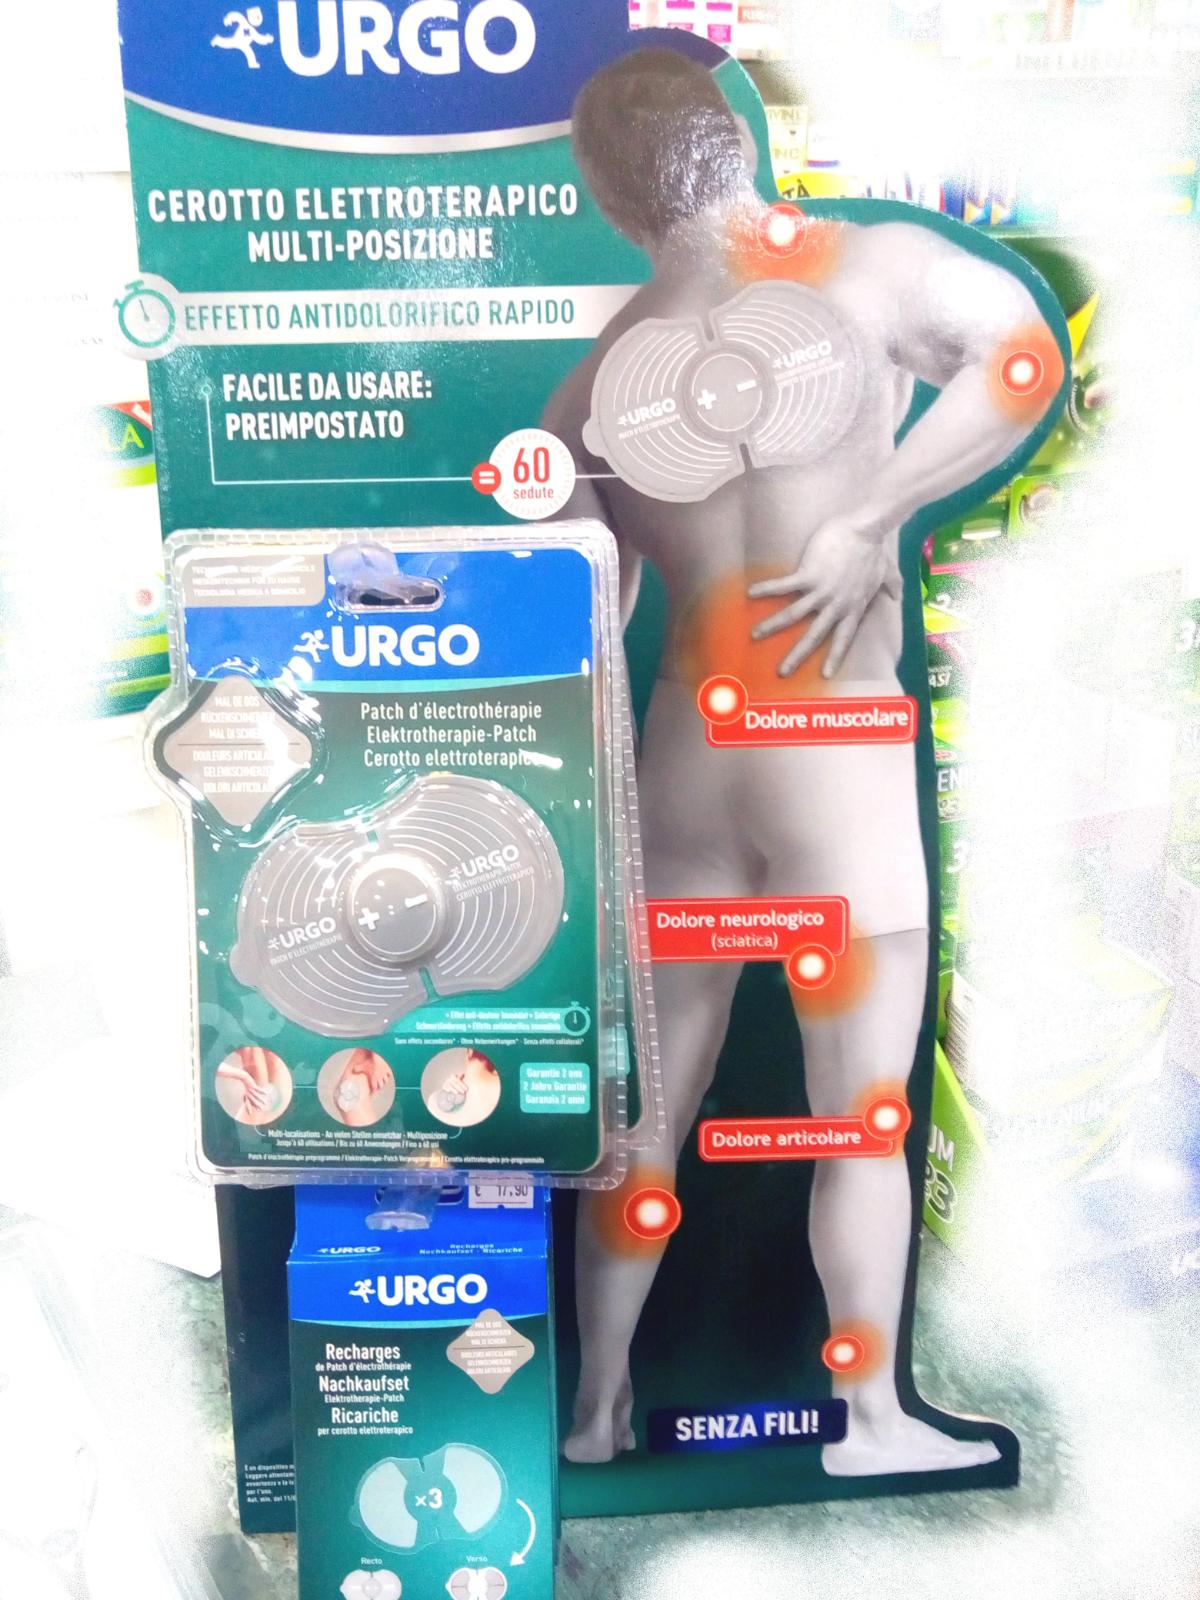 URGO: il cerotto elettroterapico senza fili! - Farmacia..